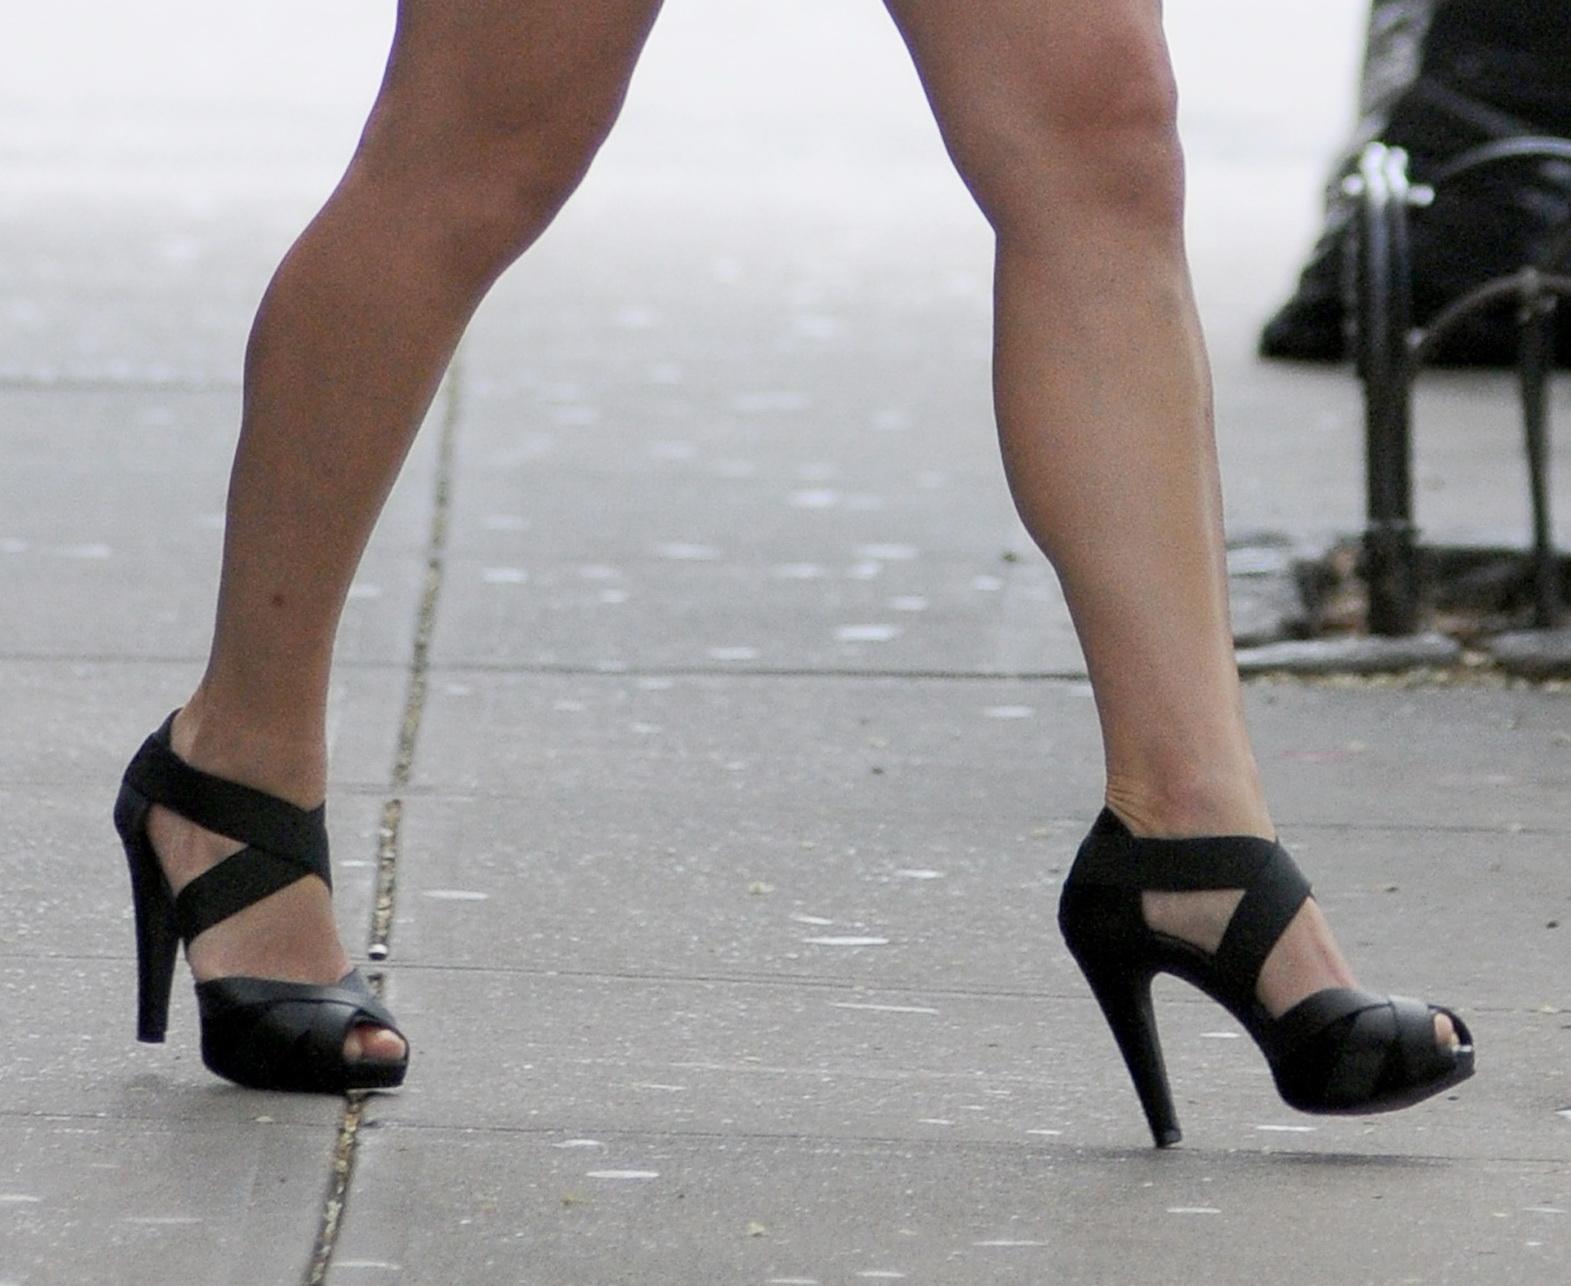 http://3.bp.blogspot.com/-WTApgcVSHMI/TmtjK6LtdbI/AAAAAAAADBA/1JG6Y02v3FM/s1600/Julia+Stiles+calves+%25282%2529.JPG